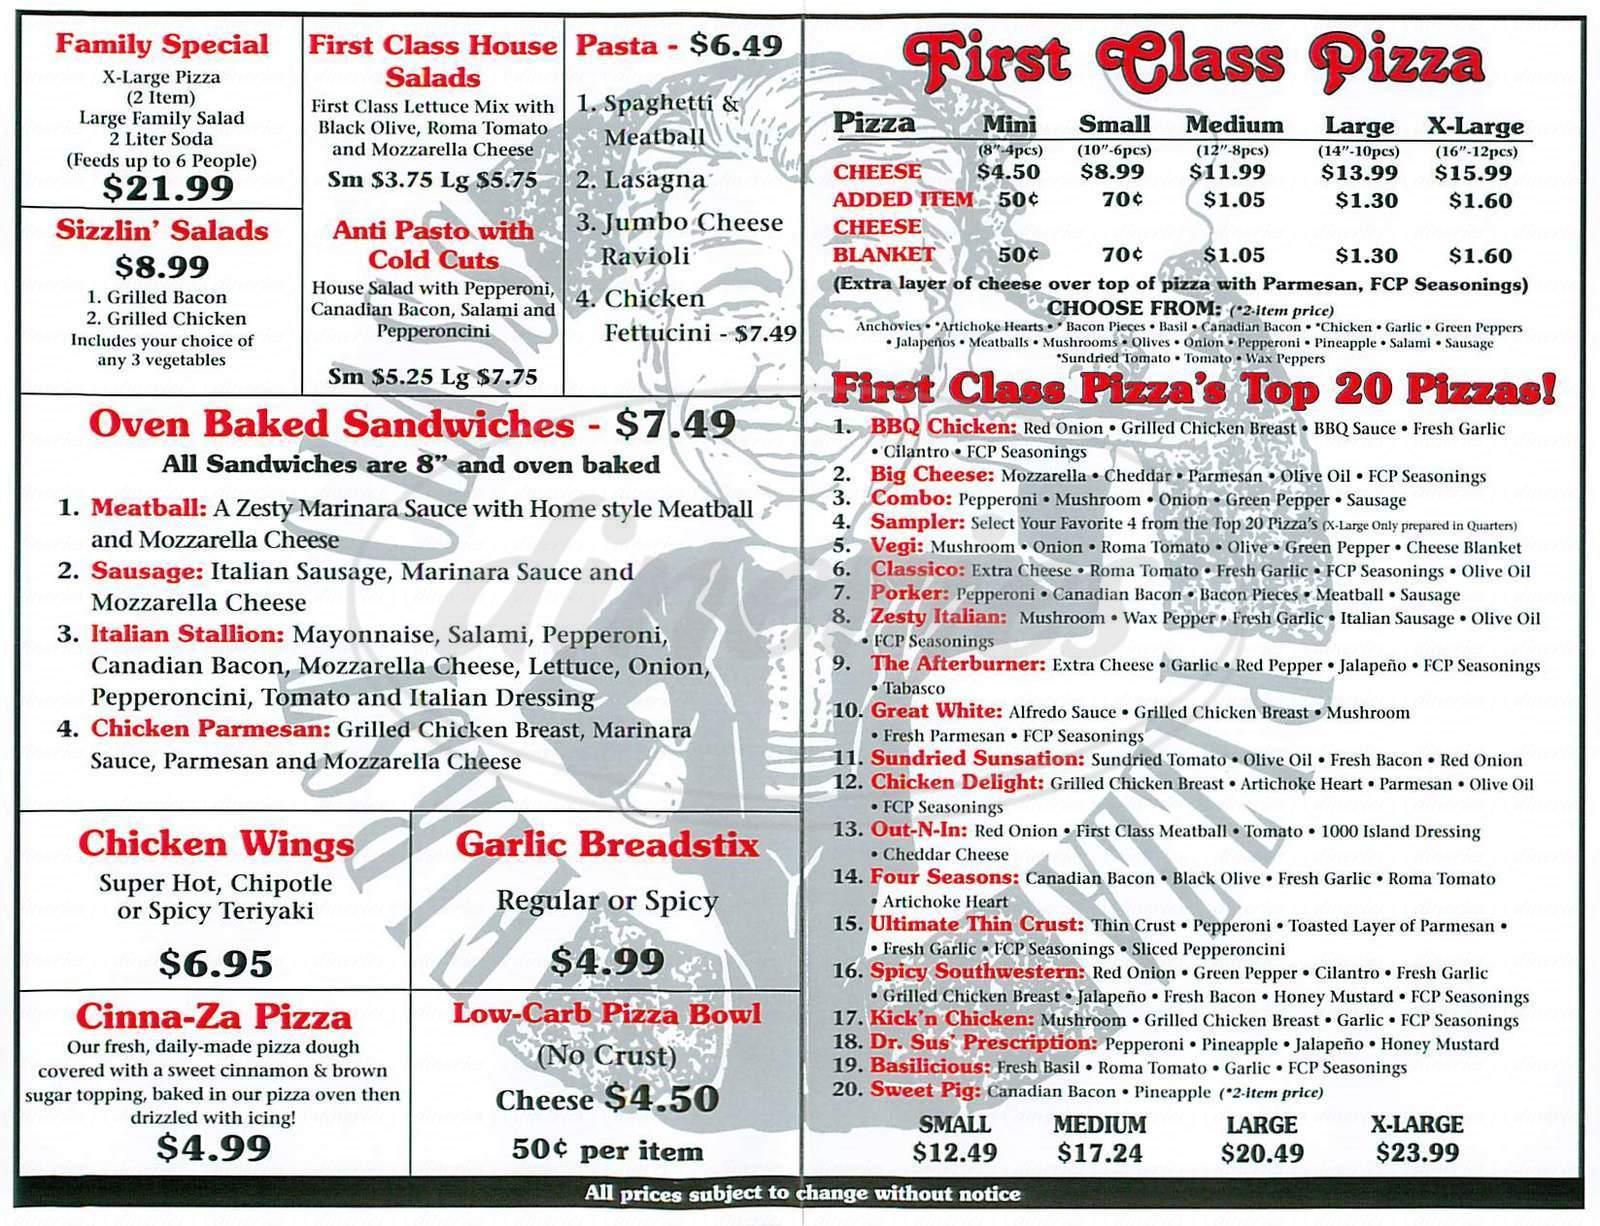 First Class Pizza Menu Newport Beach Dineries